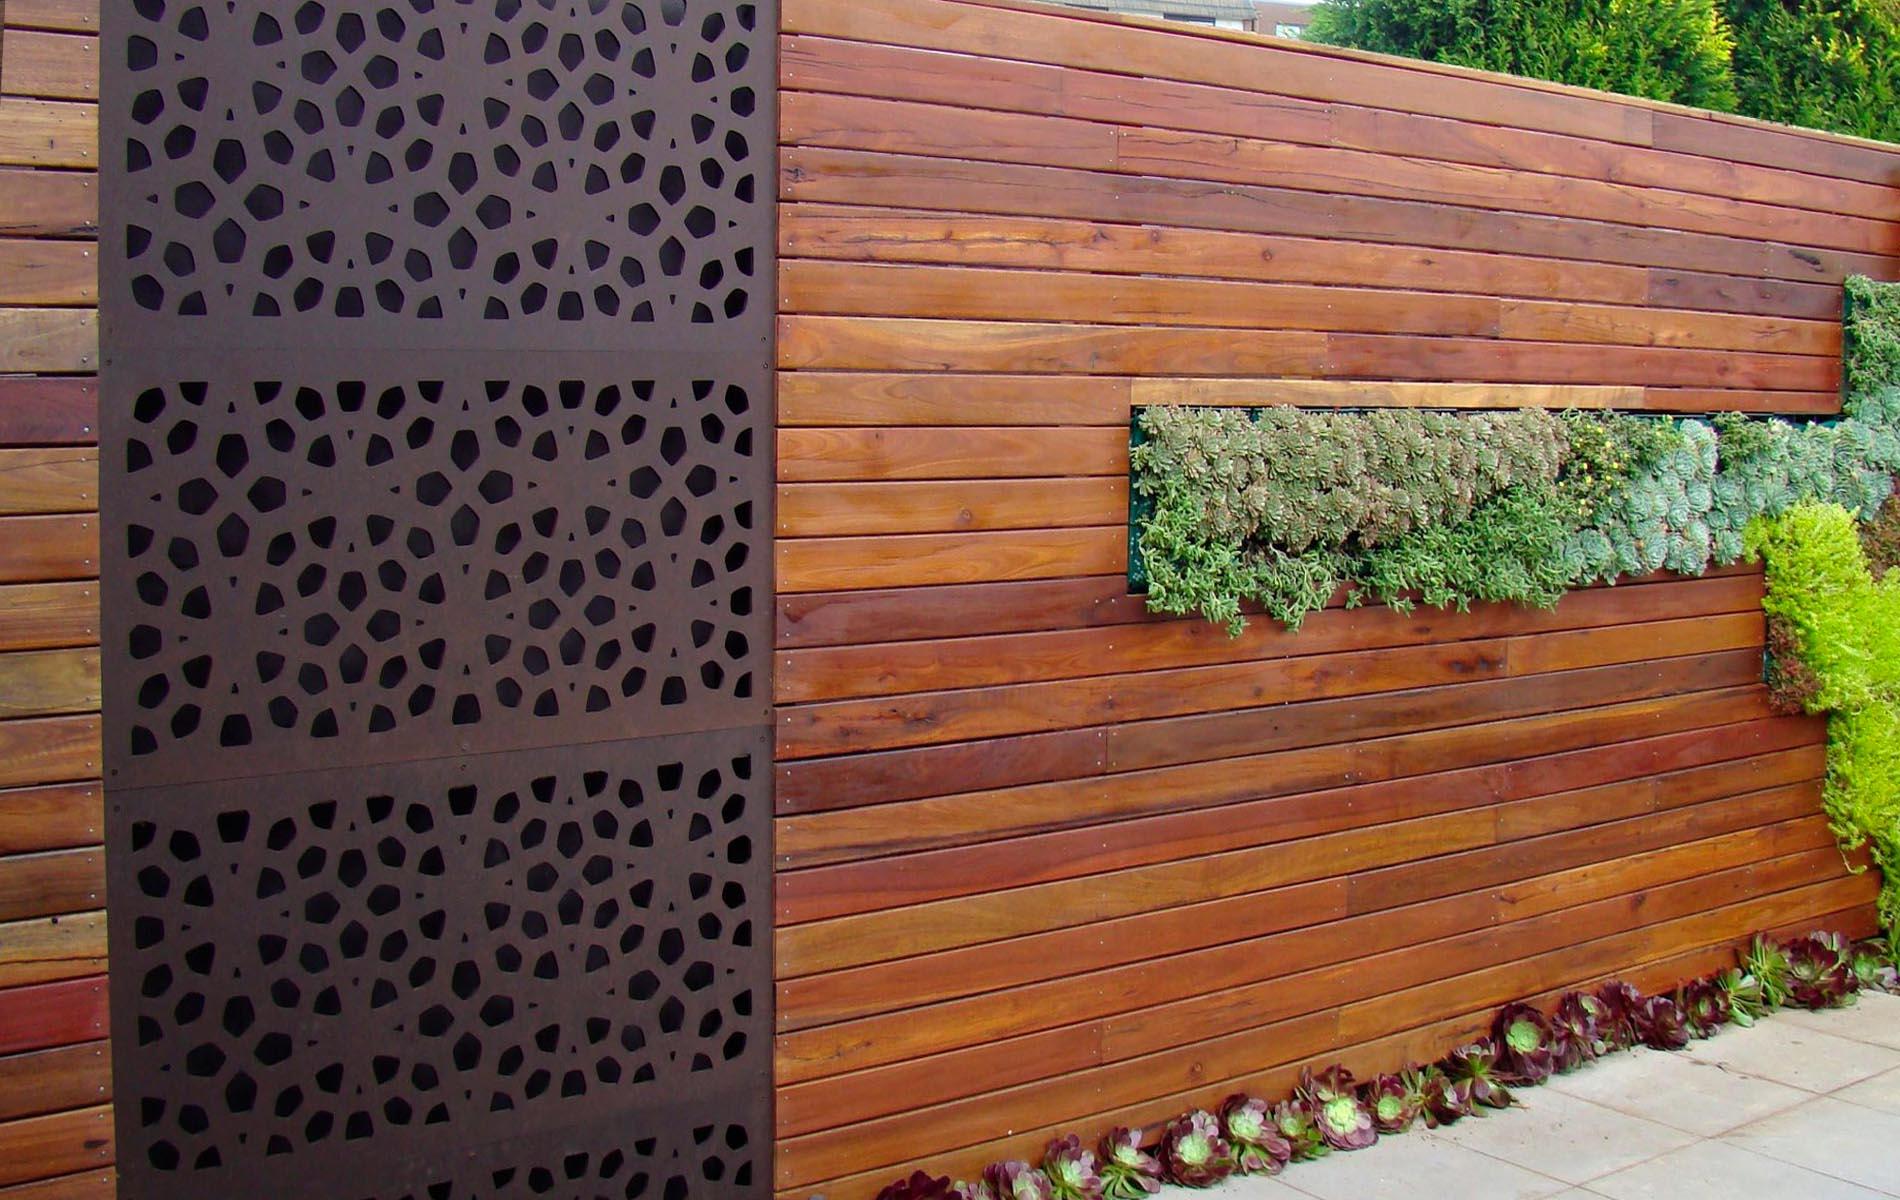 maierhofer holzbau gesmbh carports berdachungen terrassen winterg rten z une. Black Bedroom Furniture Sets. Home Design Ideas